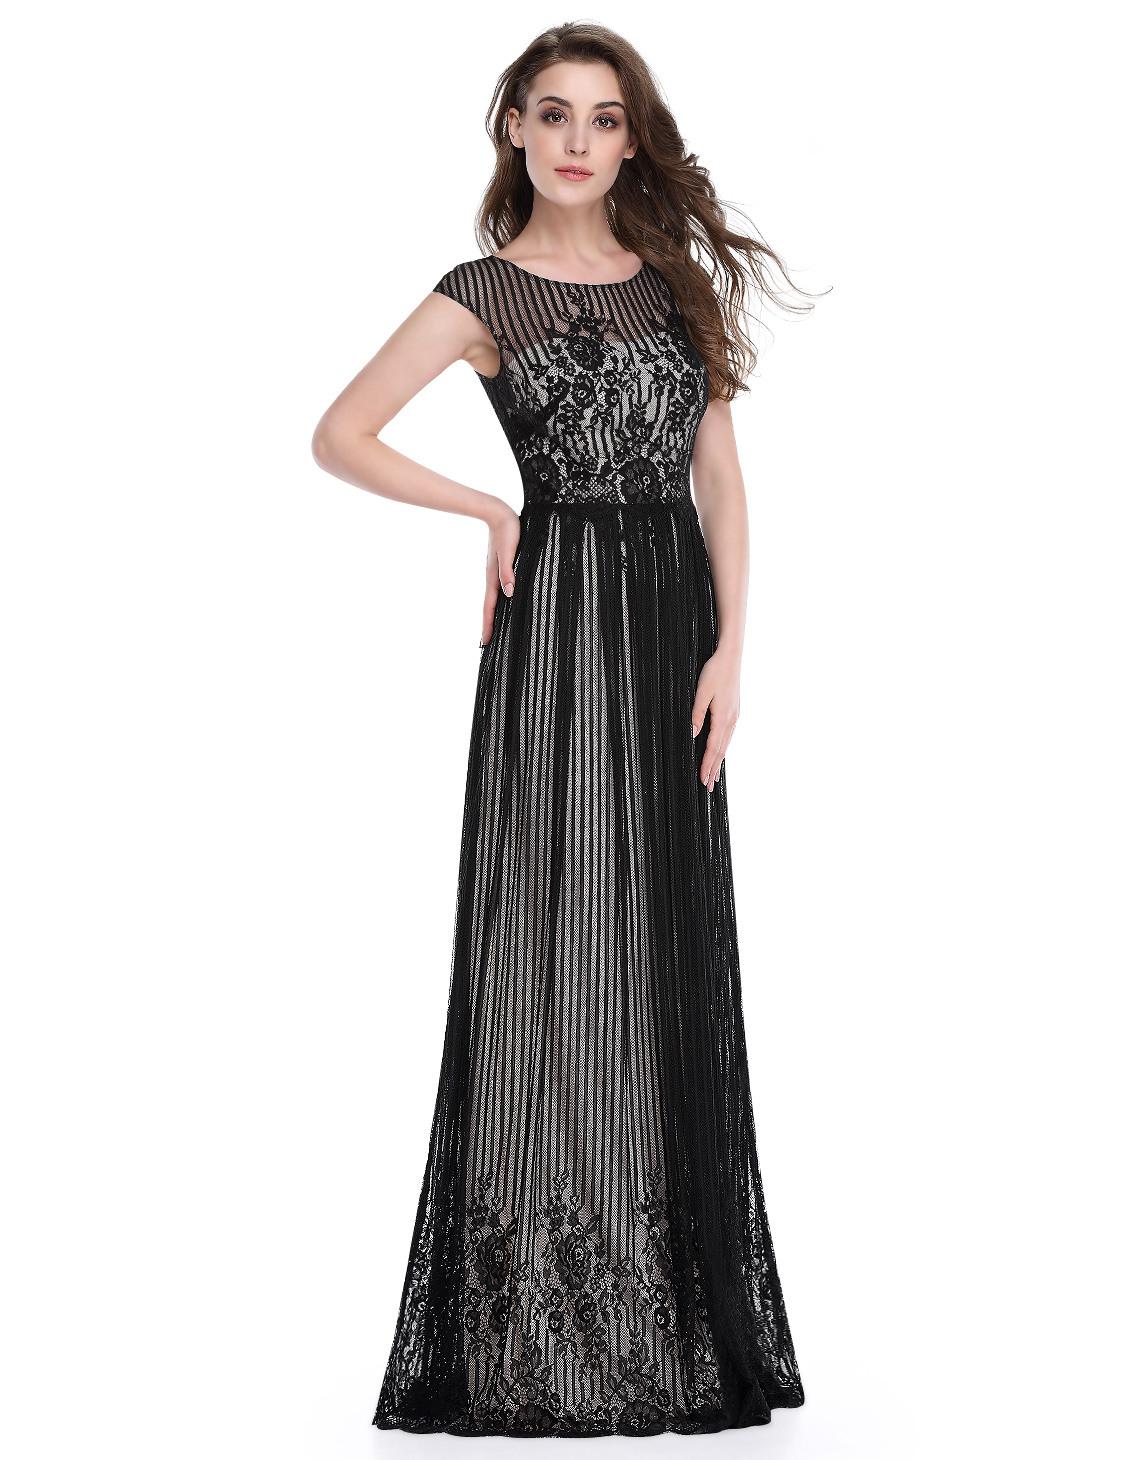 10 Einfach Kleid Für Den Abend ÄrmelFormal Ausgezeichnet Kleid Für Den Abend Ärmel